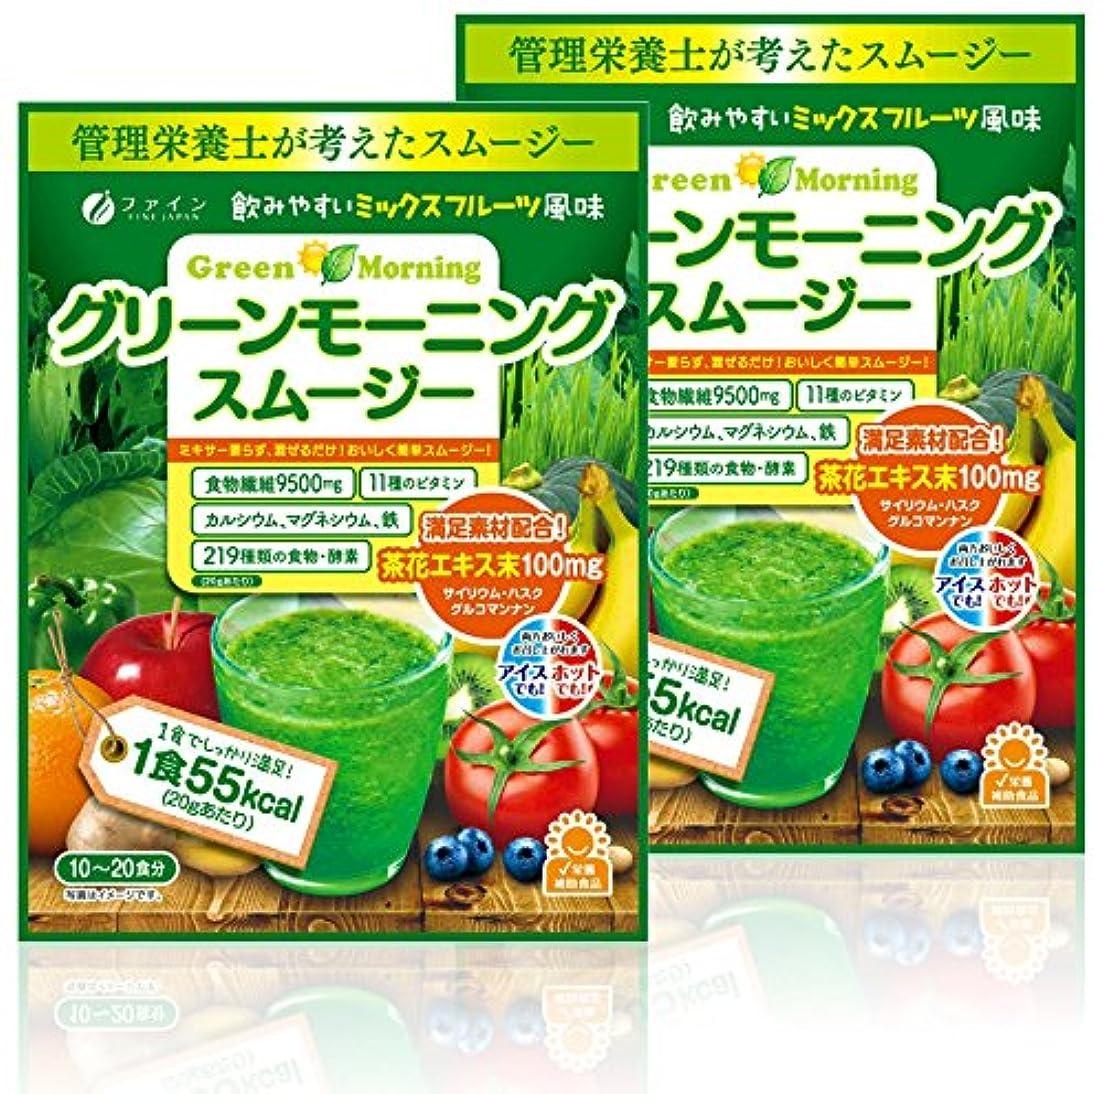 大事にするファブリックペフファイン グリーンモーニングスムージー 食物繊維9.5g 植物酵素配合 (200g入)×2袋セット